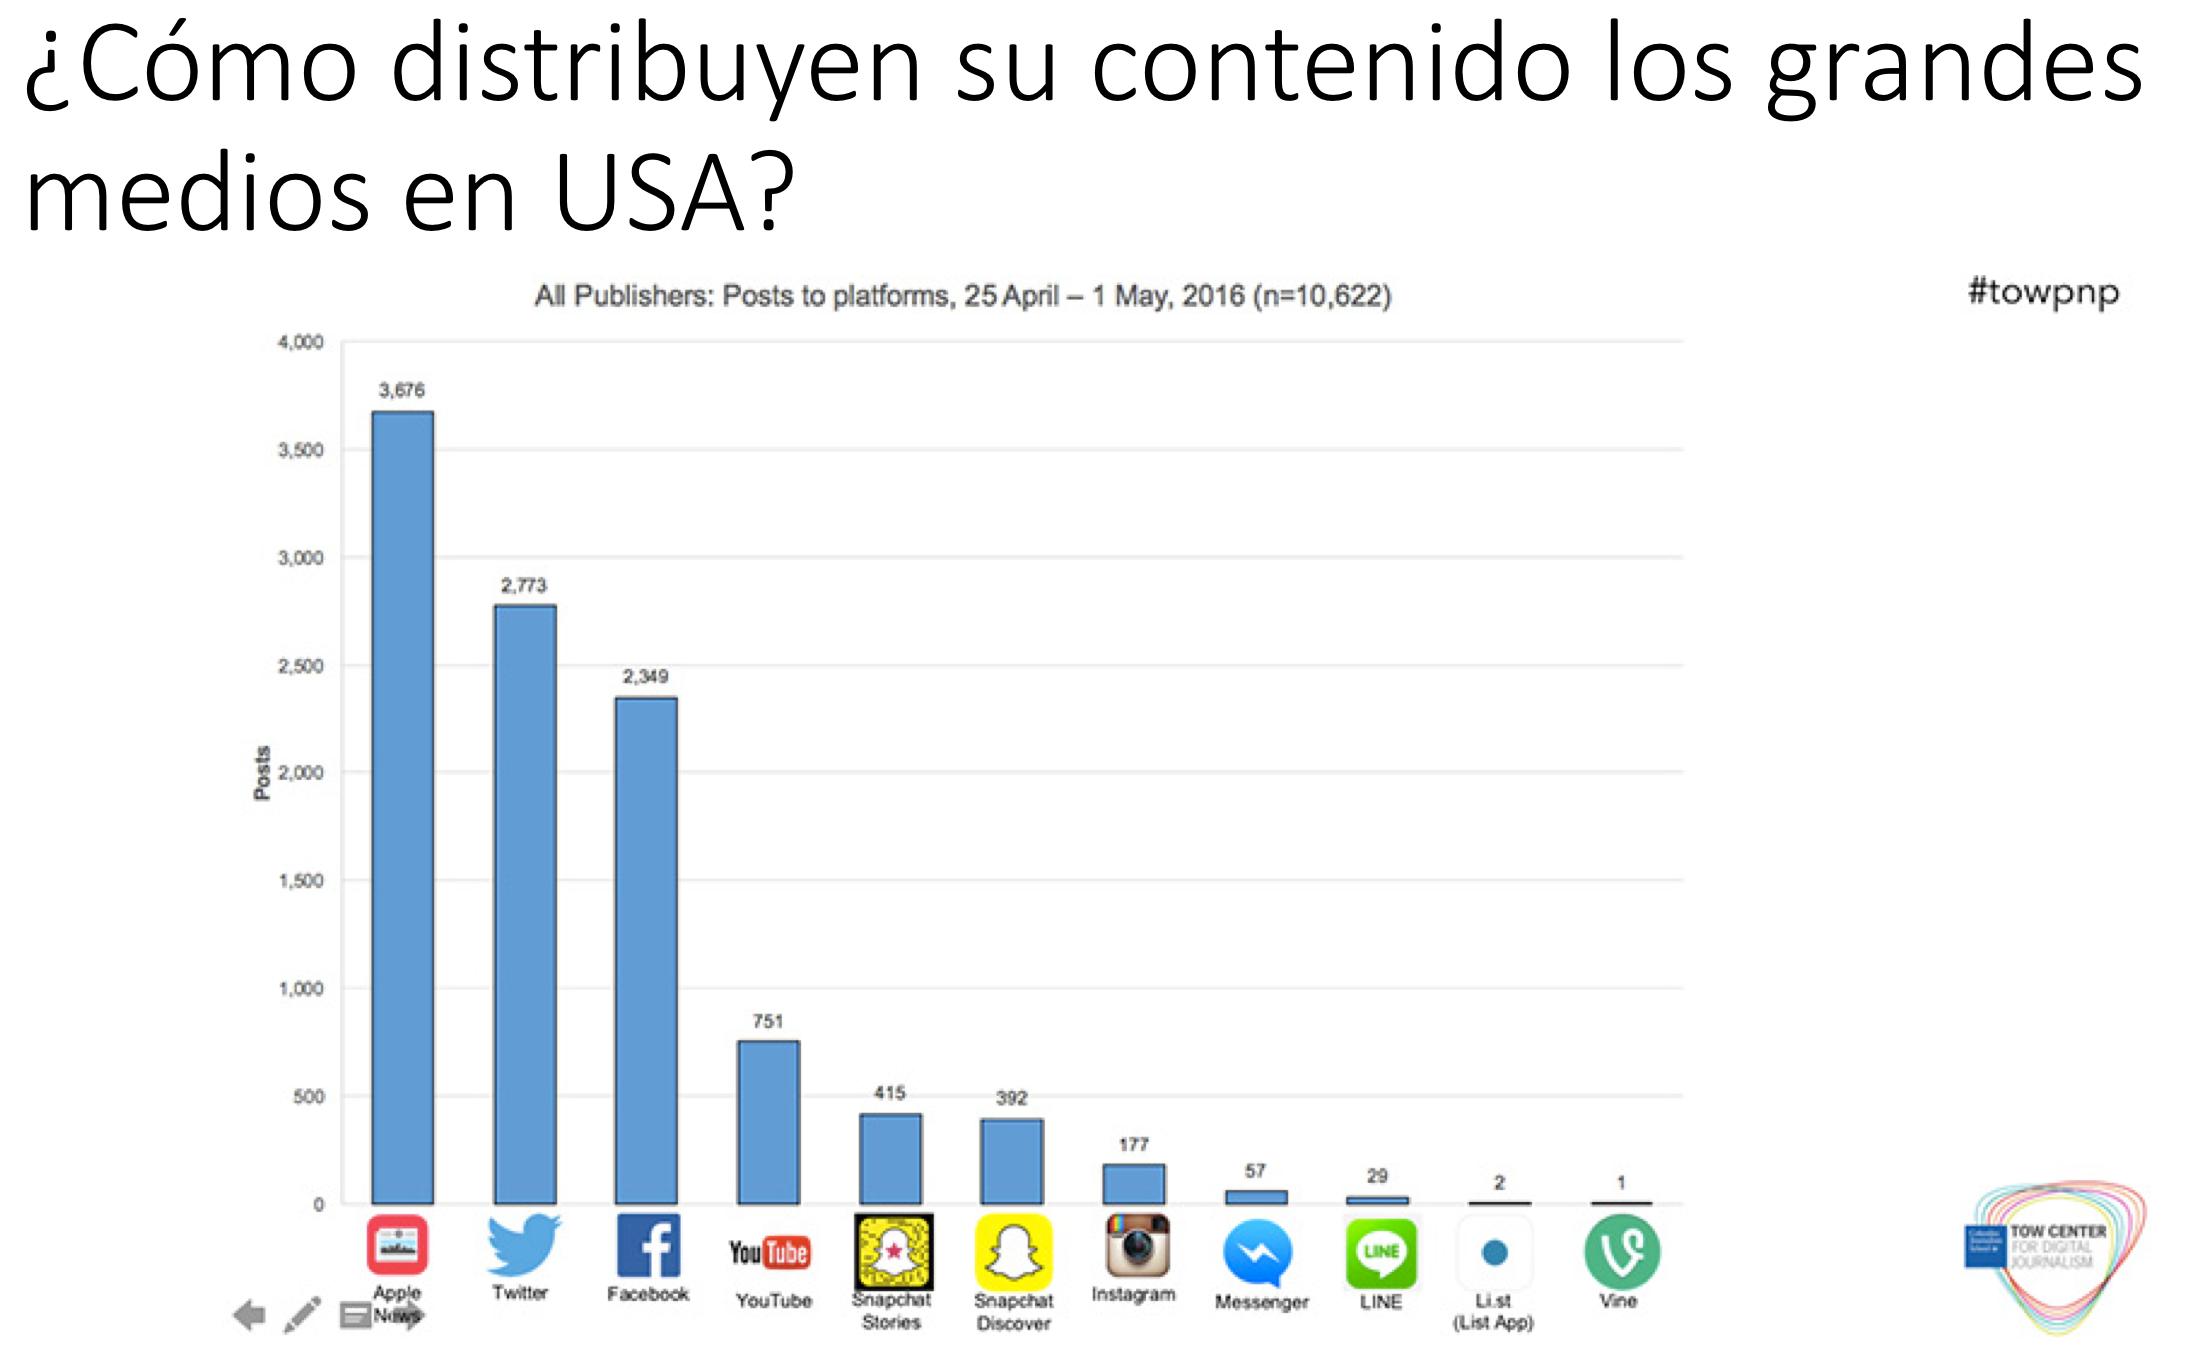 Distribución de Contenido Medios Internacionales